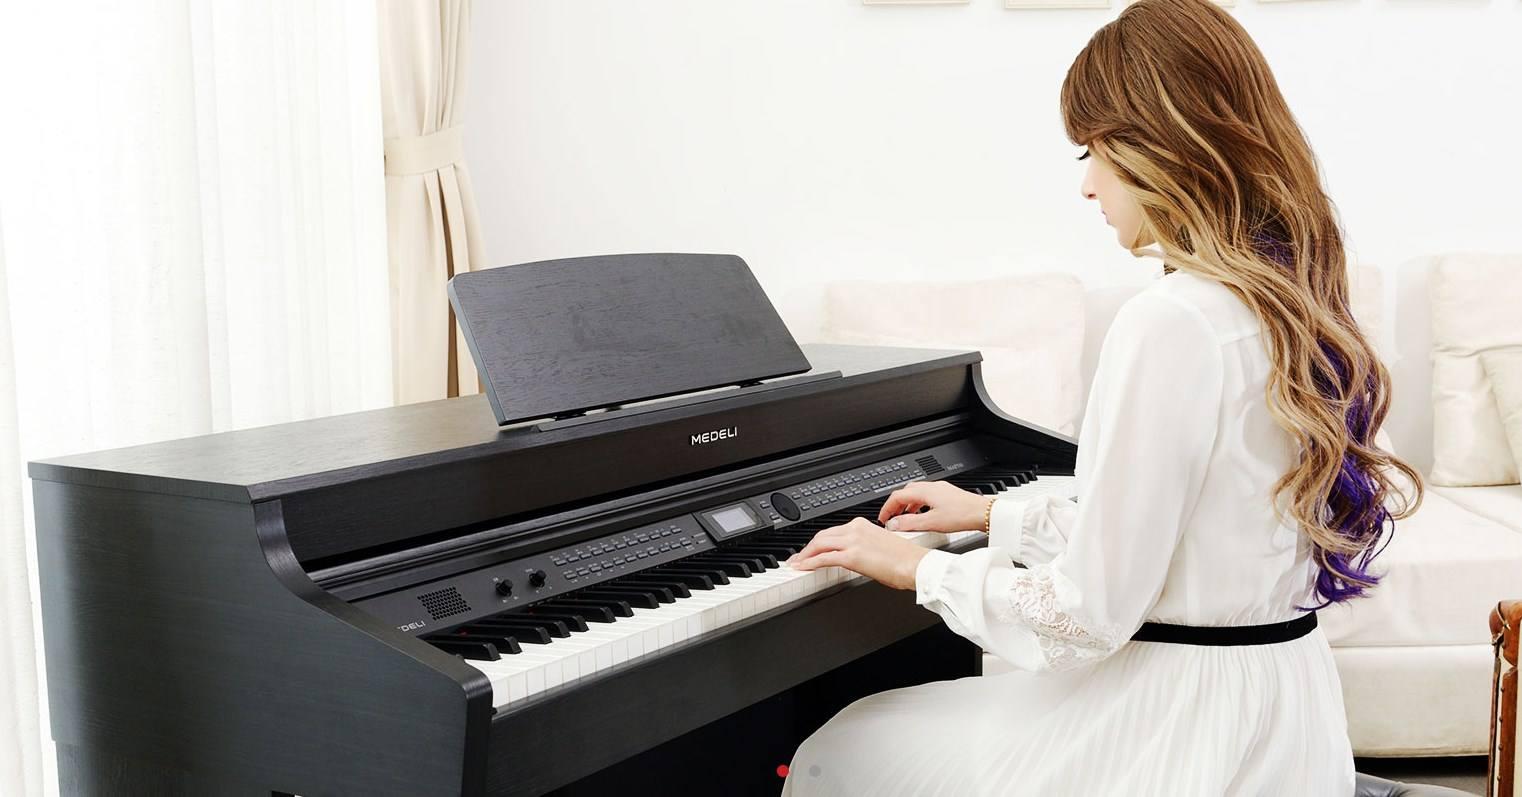 买电钢琴好还是钢琴好?钢琴和电钢琴的区别介绍